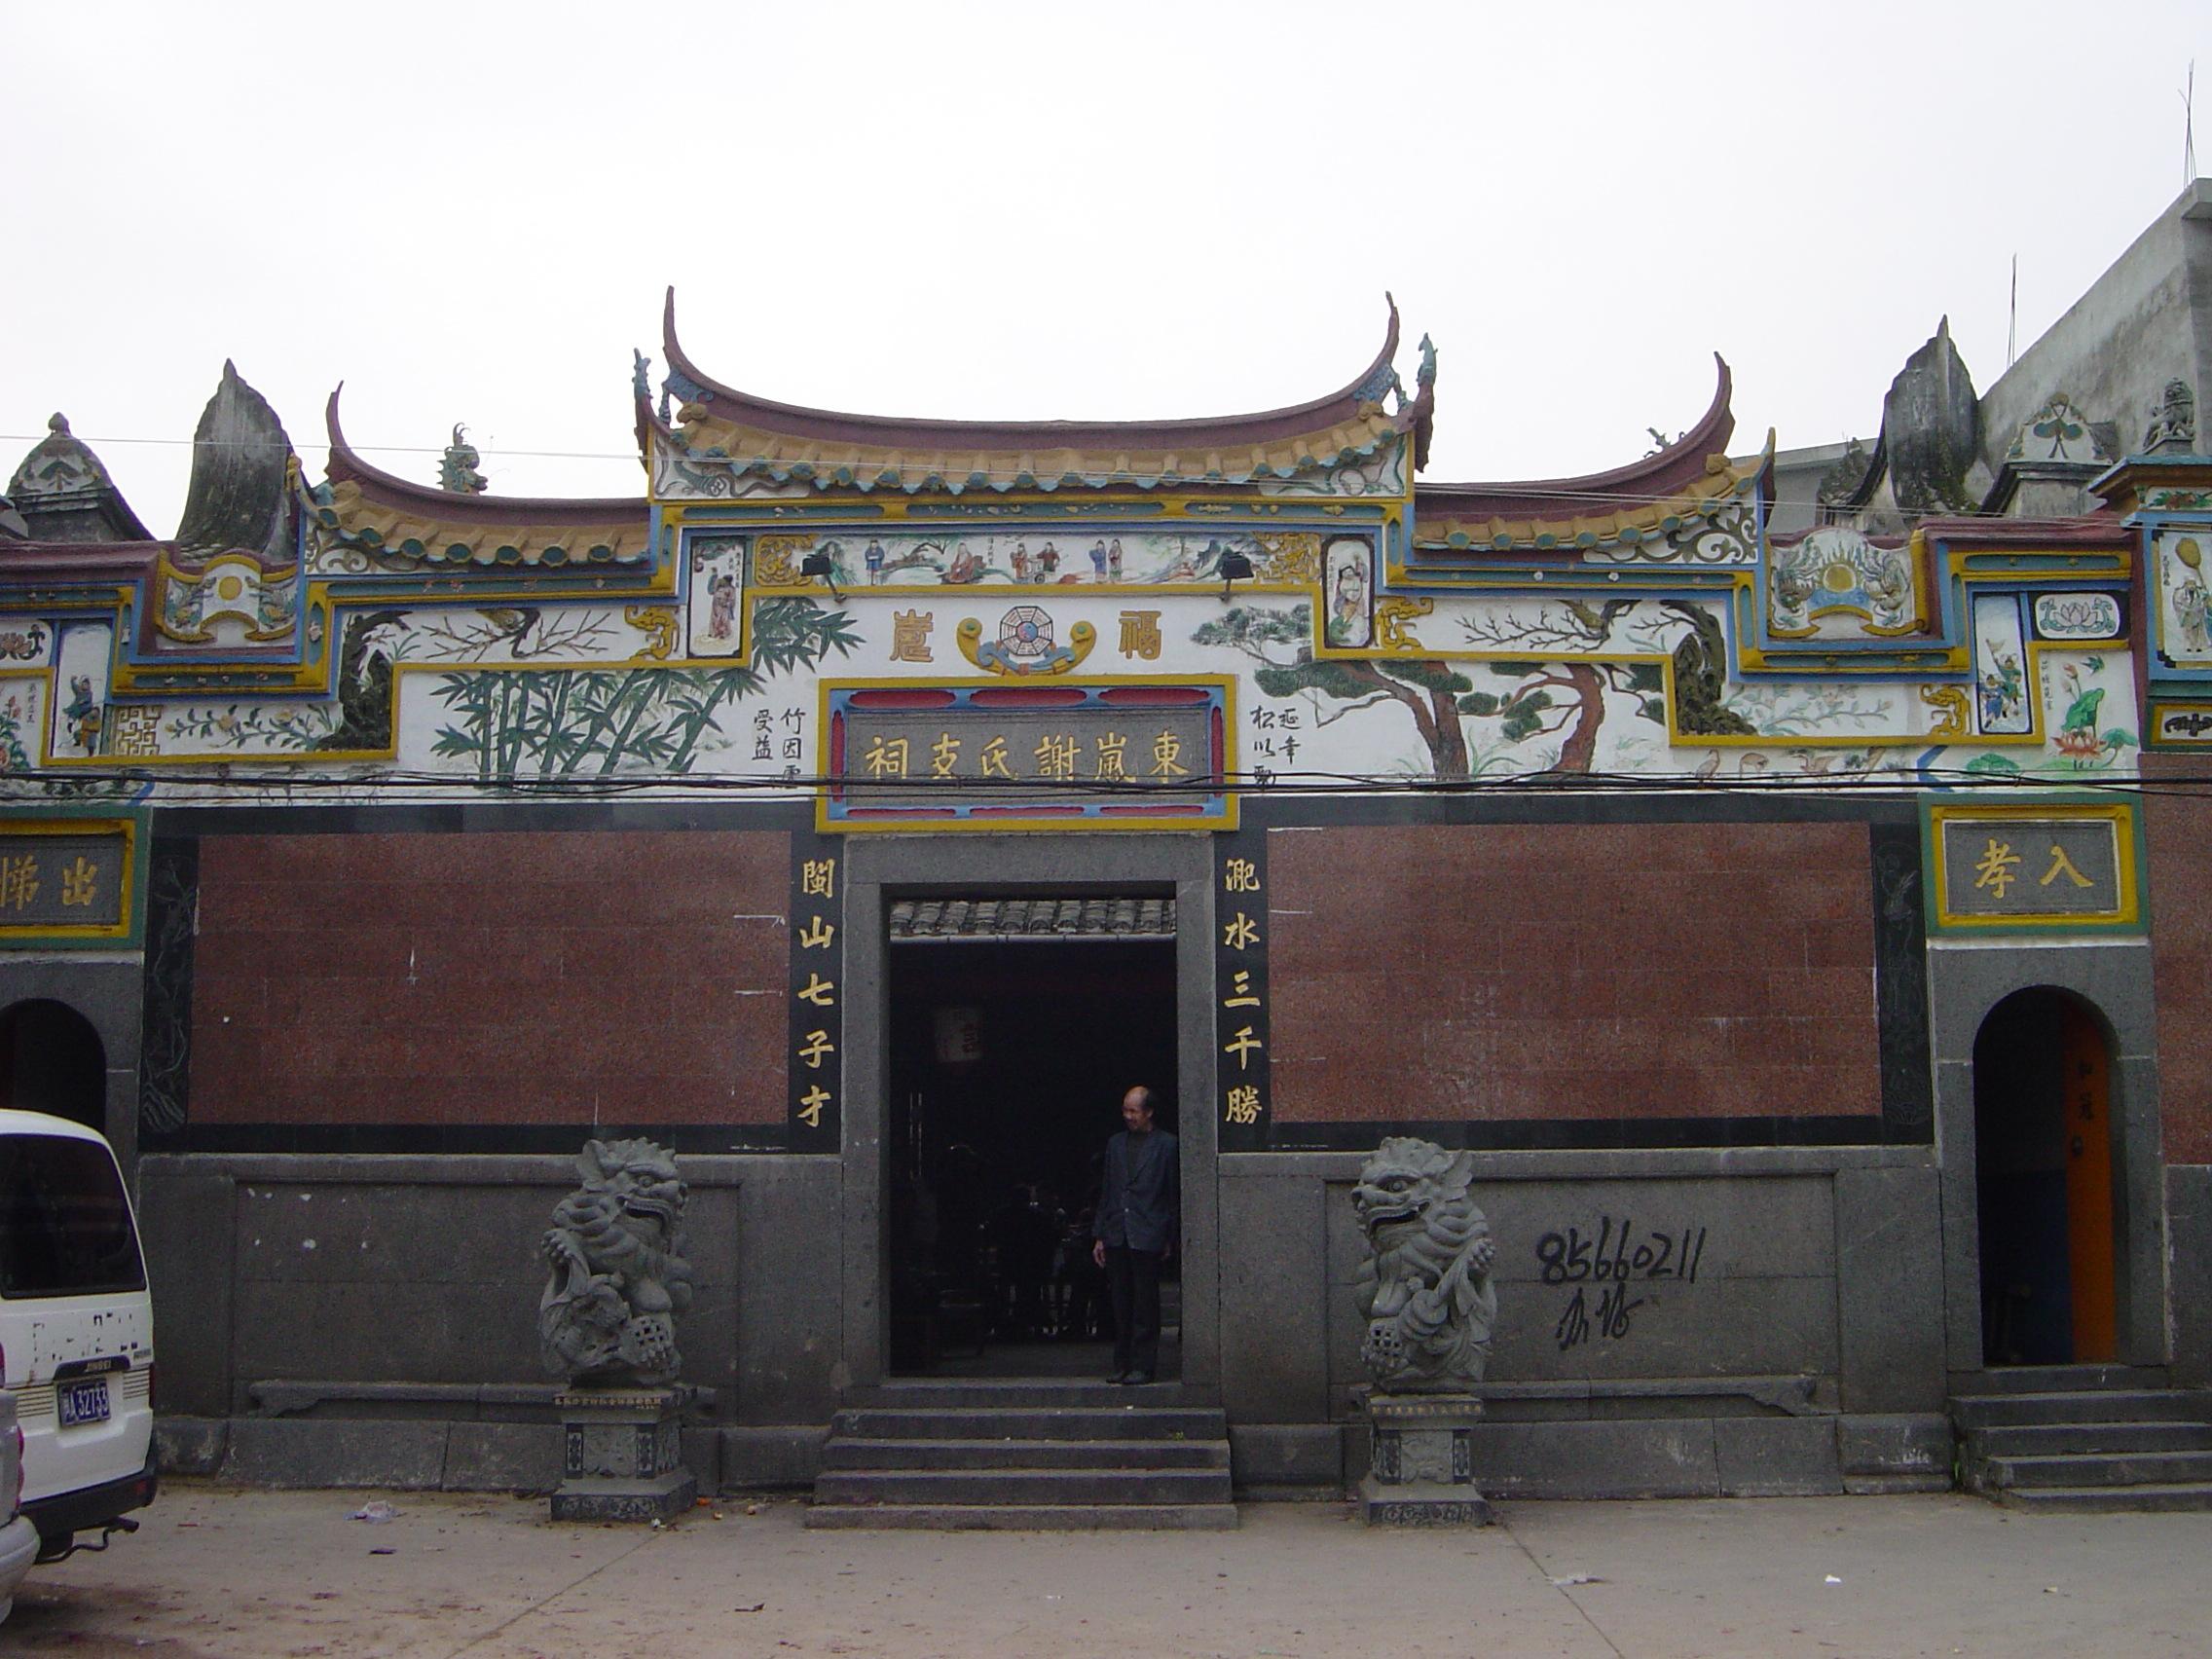 傅竹村口的谢家祠堂全文村庄图景由南帆夫妇拍摄